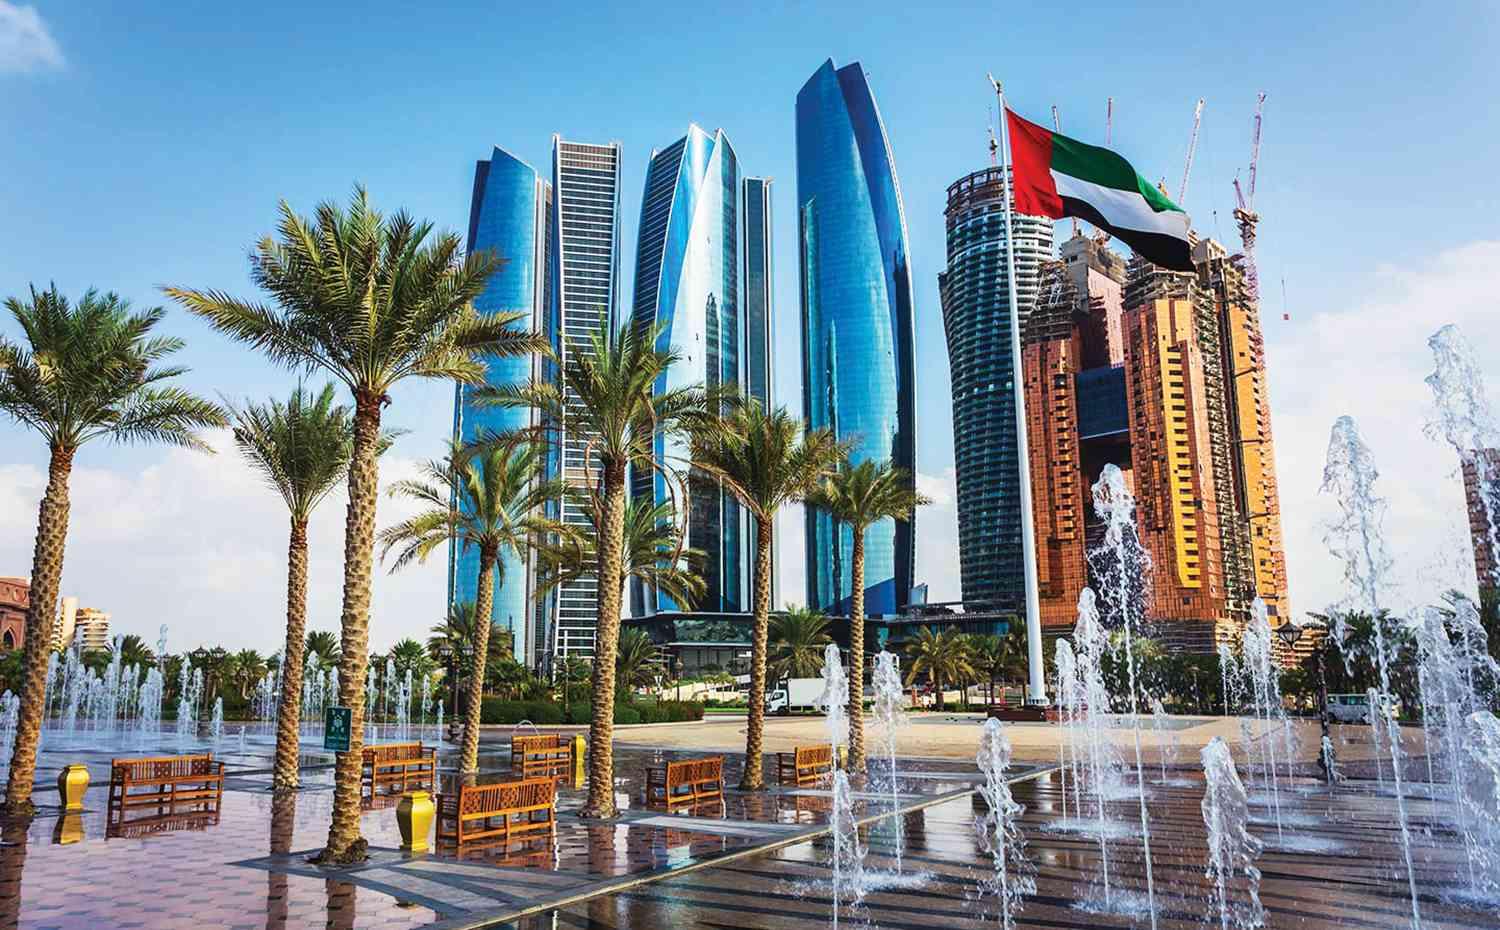 بالفيديو  ..  فنان لبناني جديد يحصل على الإقامة الذهبية في الإمارات